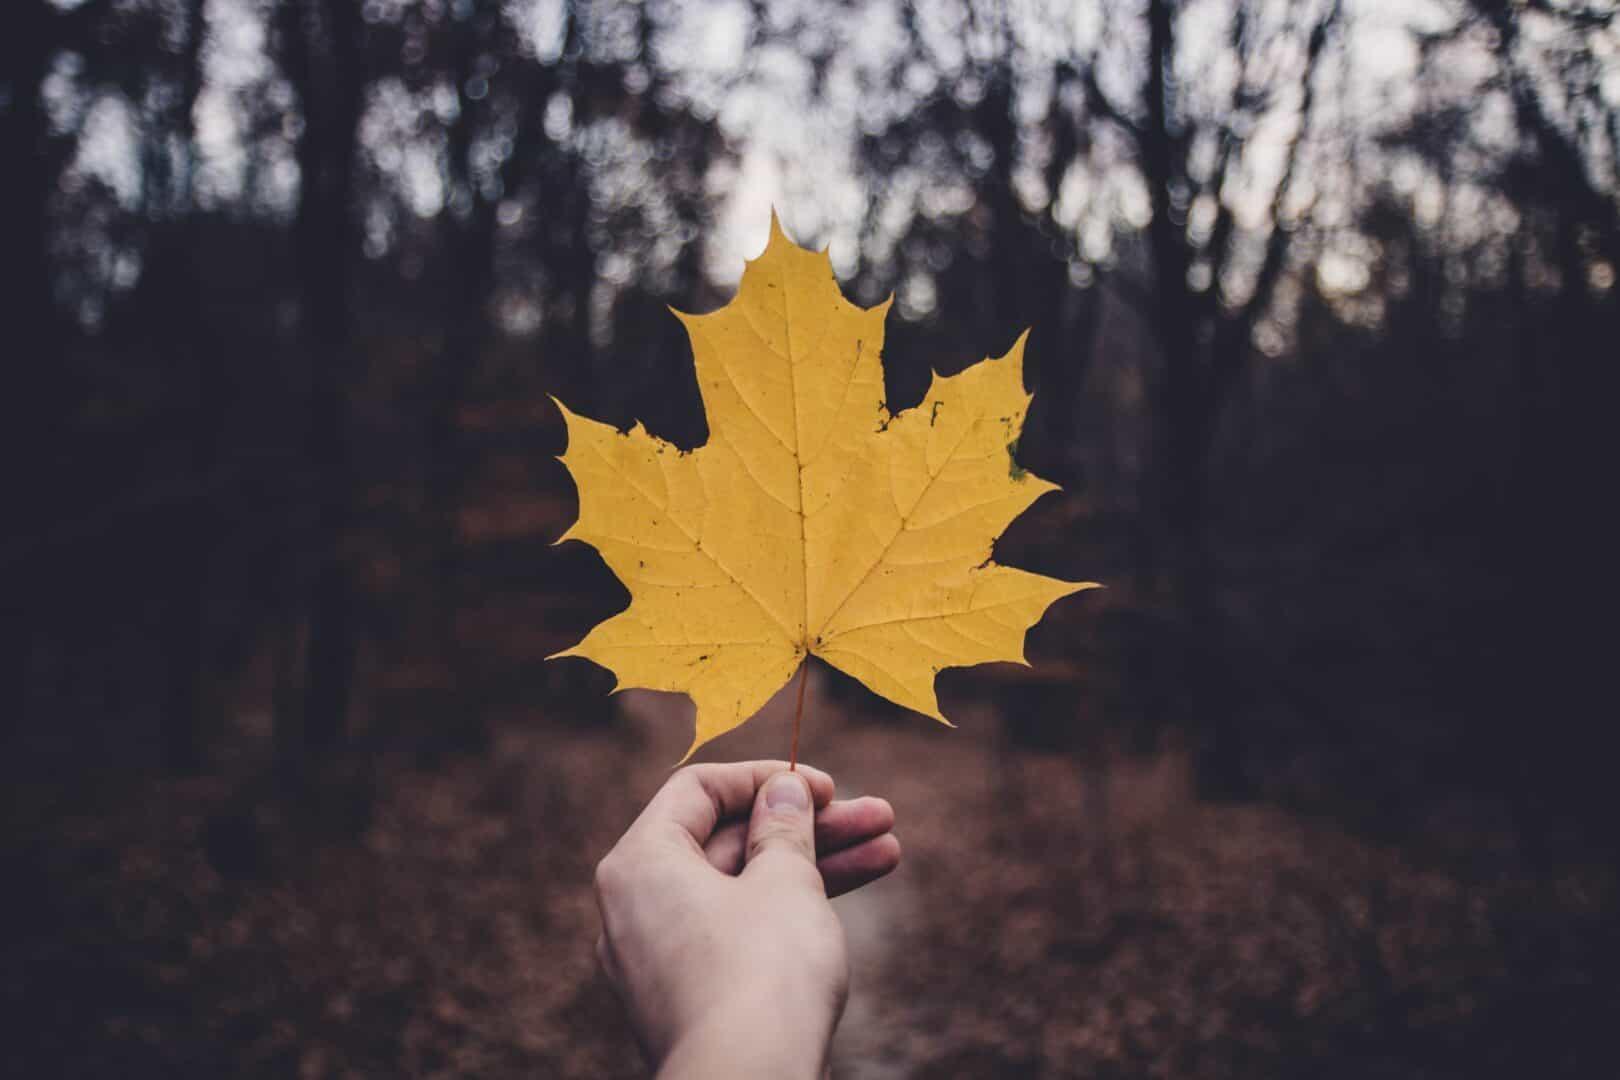 Silber Maple Leaf, die beliebteste Anlagemünze